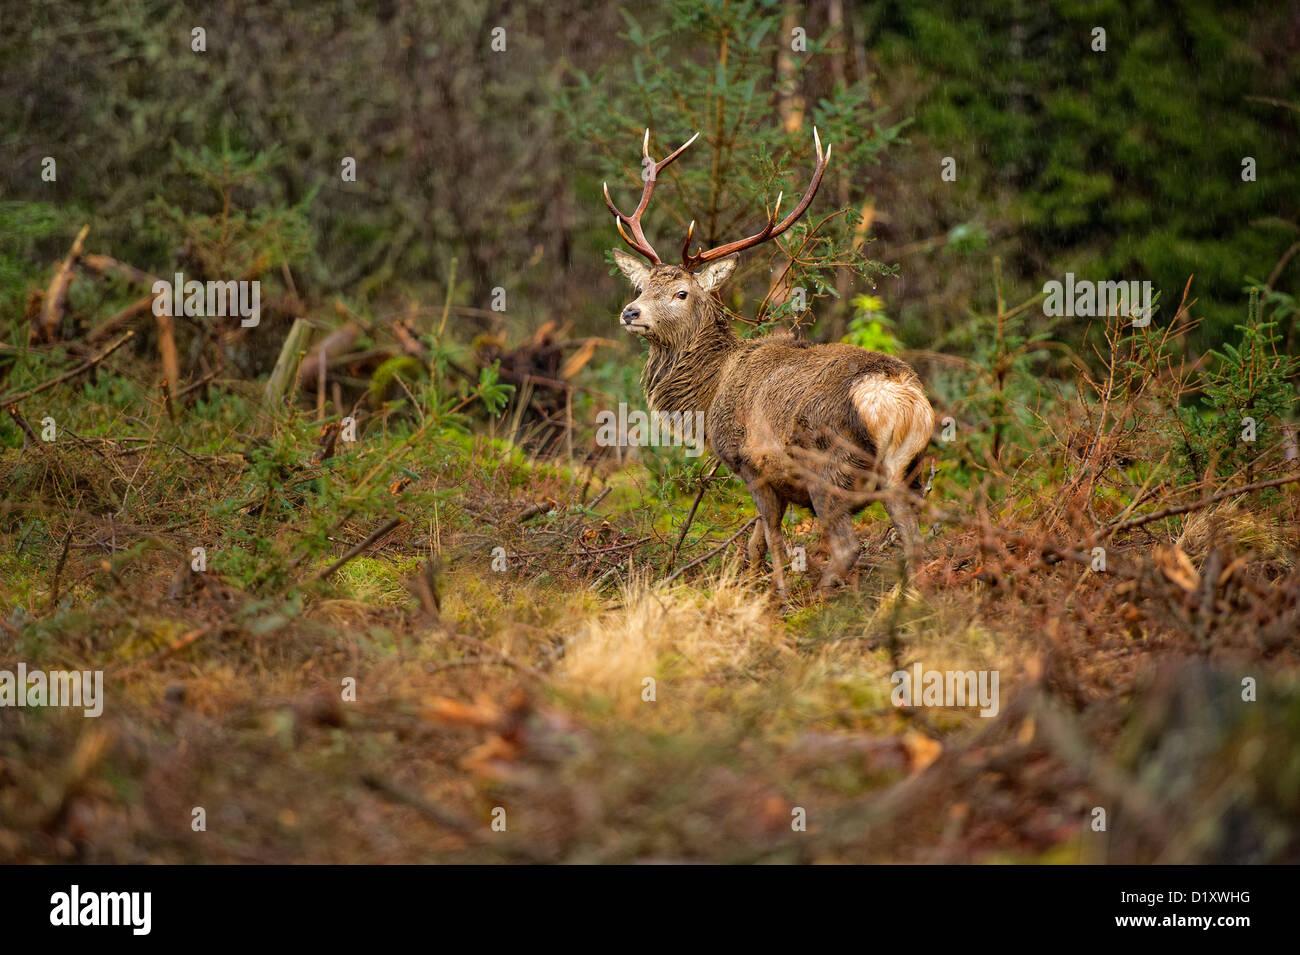 Cervus elaphus ciervo cornamenta de ciervo rojo con impresionantes Foto de stock